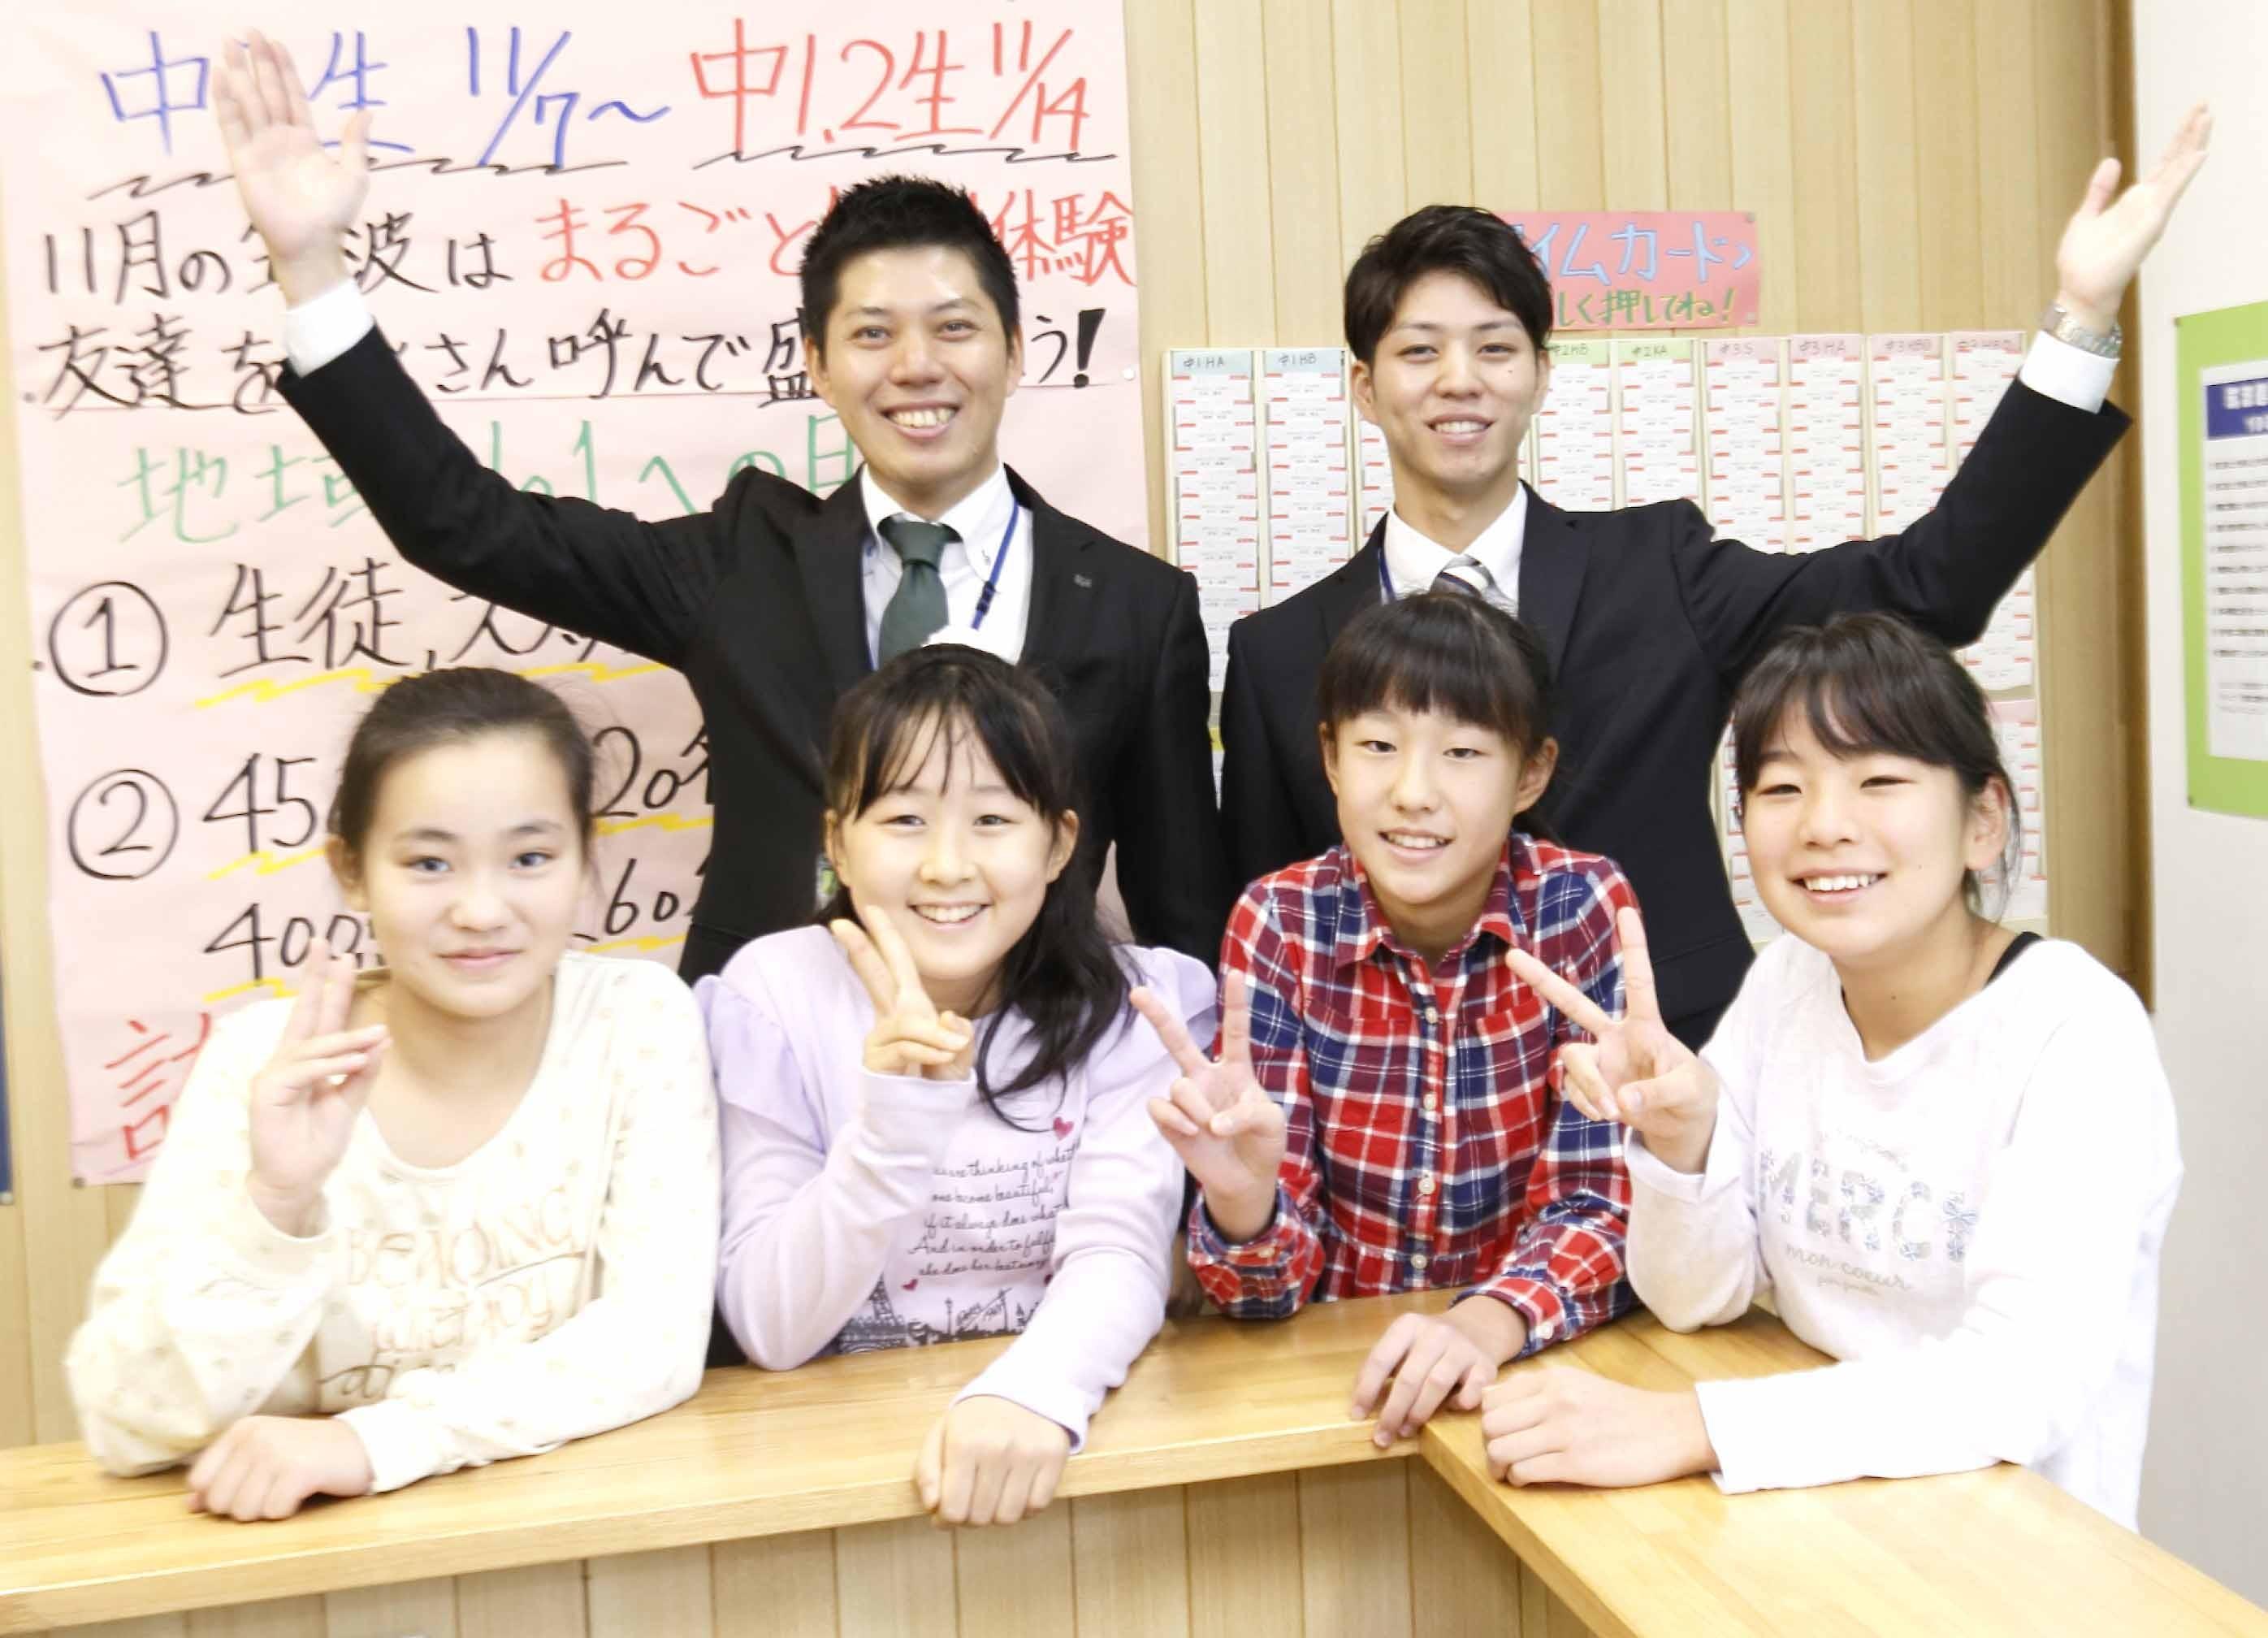 筑波進研スクール 末広教室のアルバイト情報